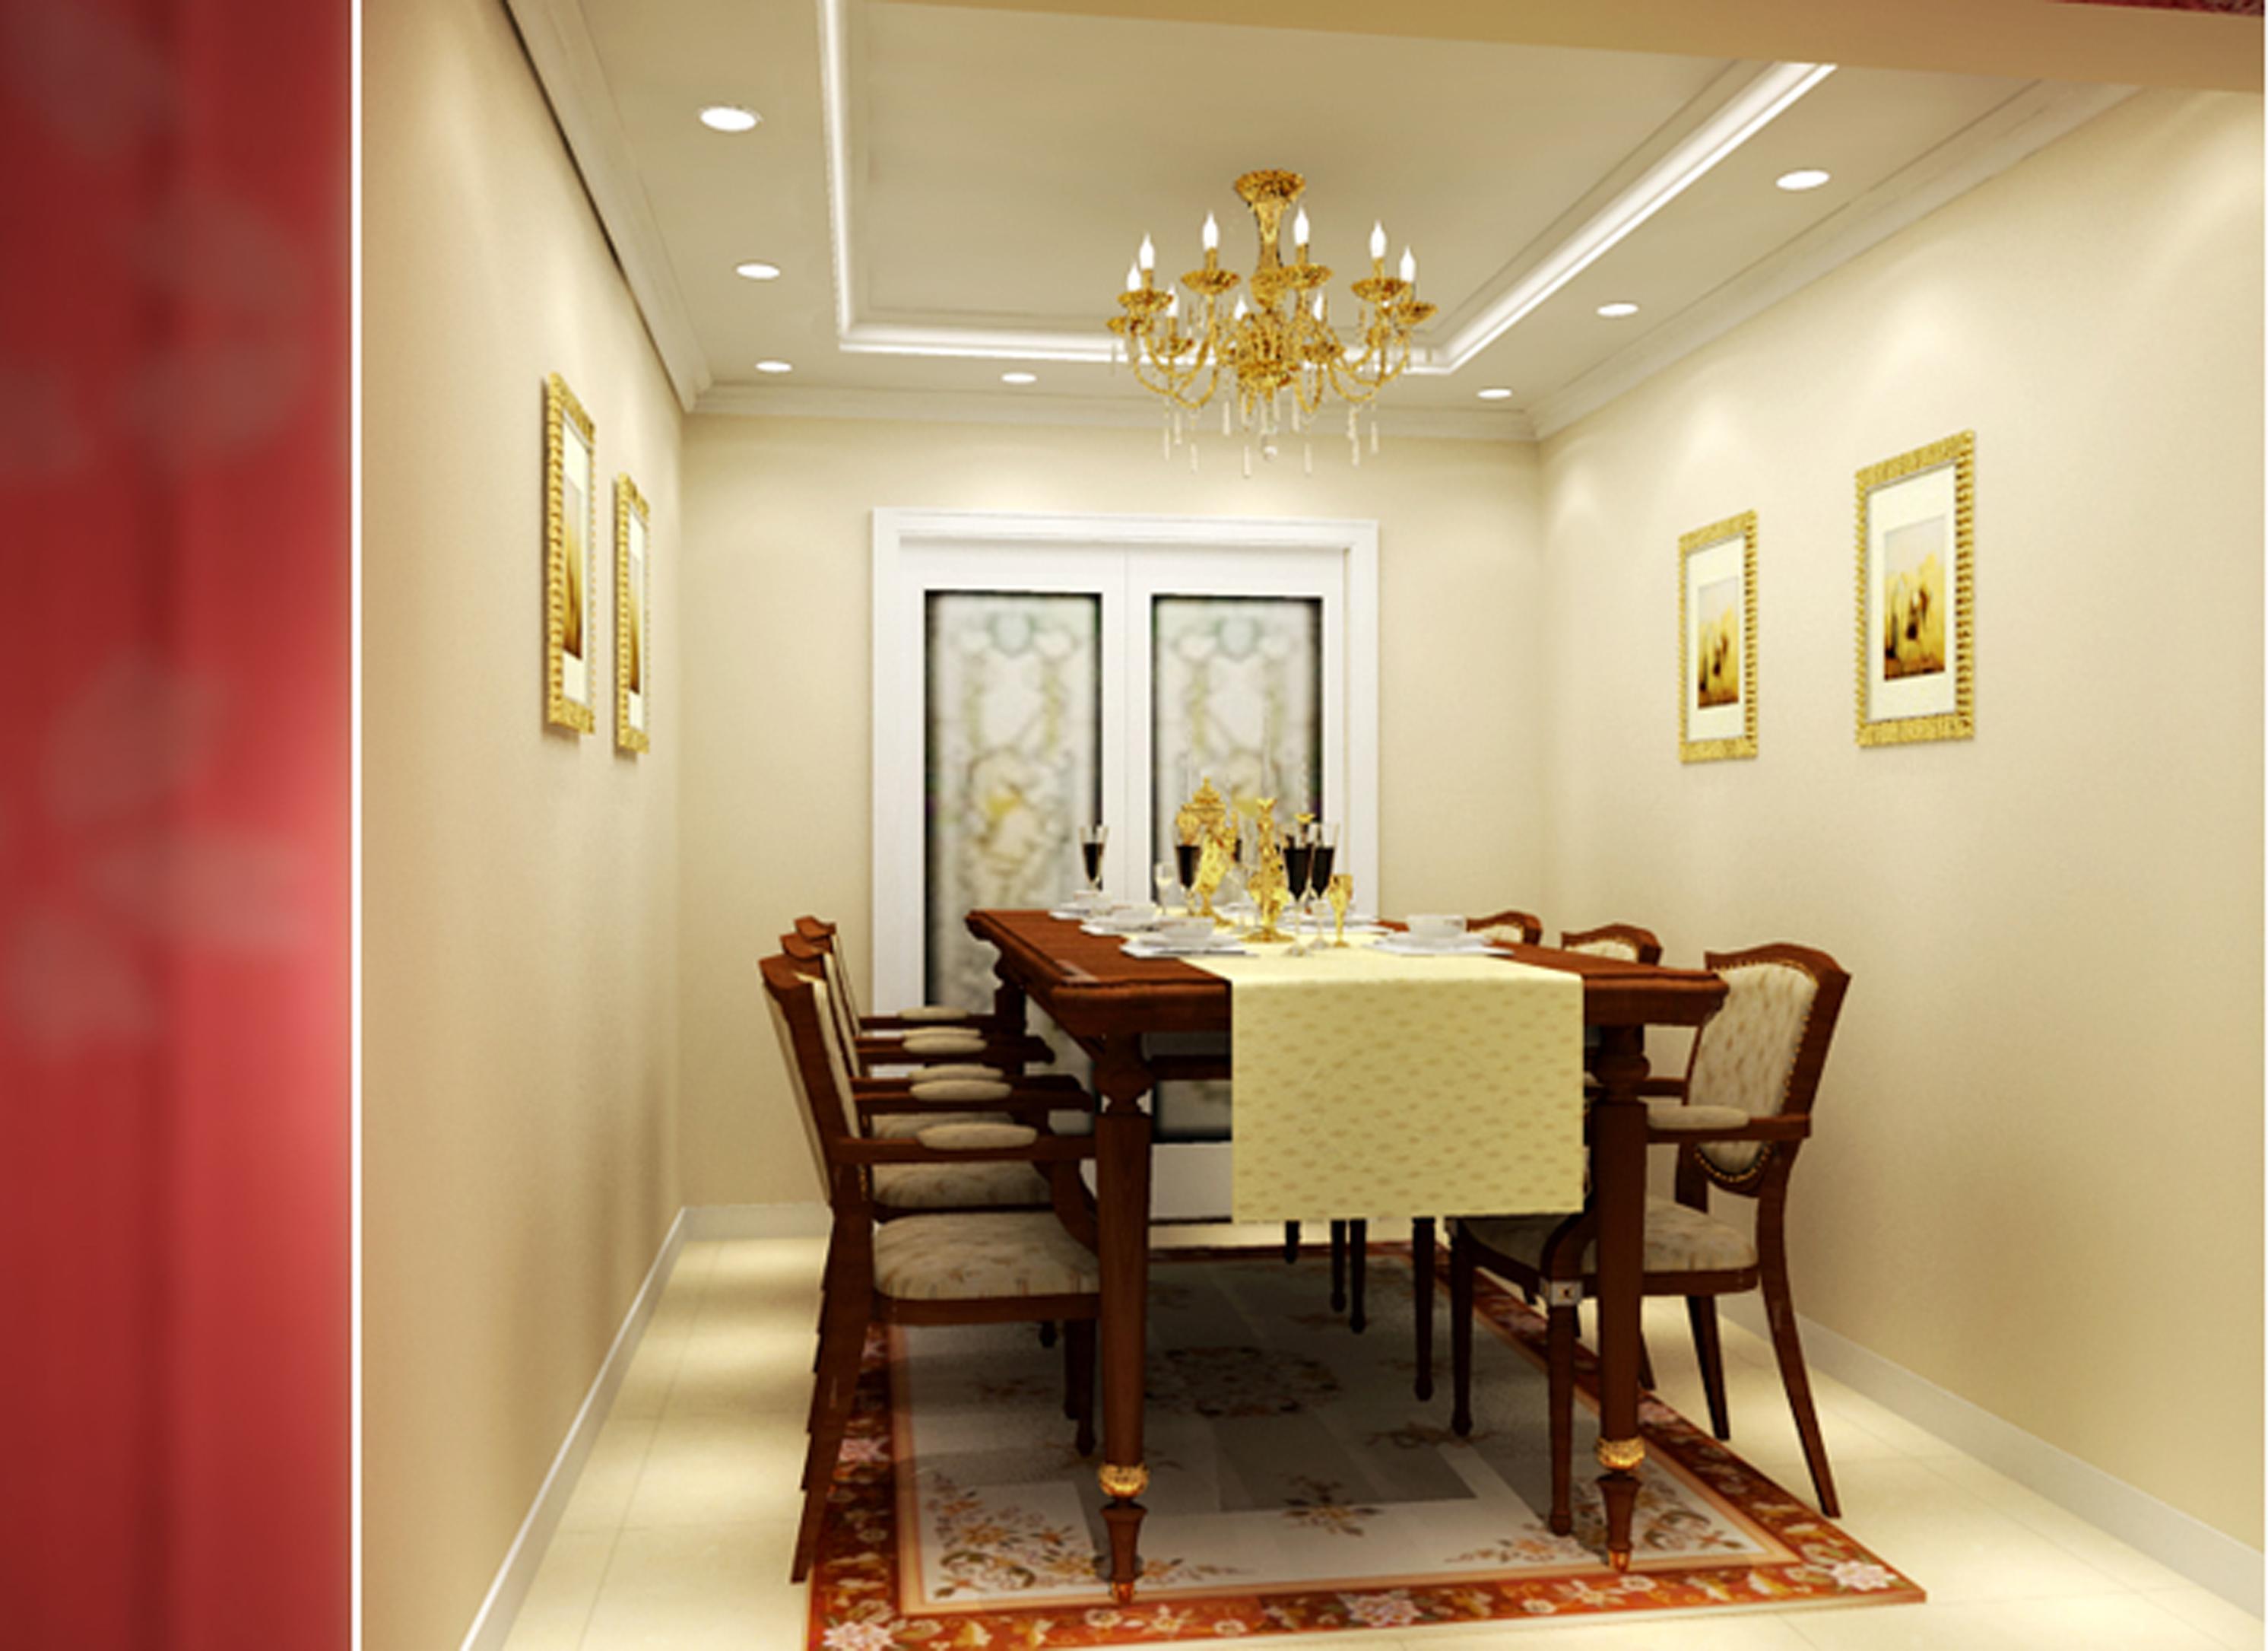 三居 浪漫简欧 中西合璧 餐厅 实创 餐厅图片来自广州-实创装饰在馨浪漫的简欧风格的分享